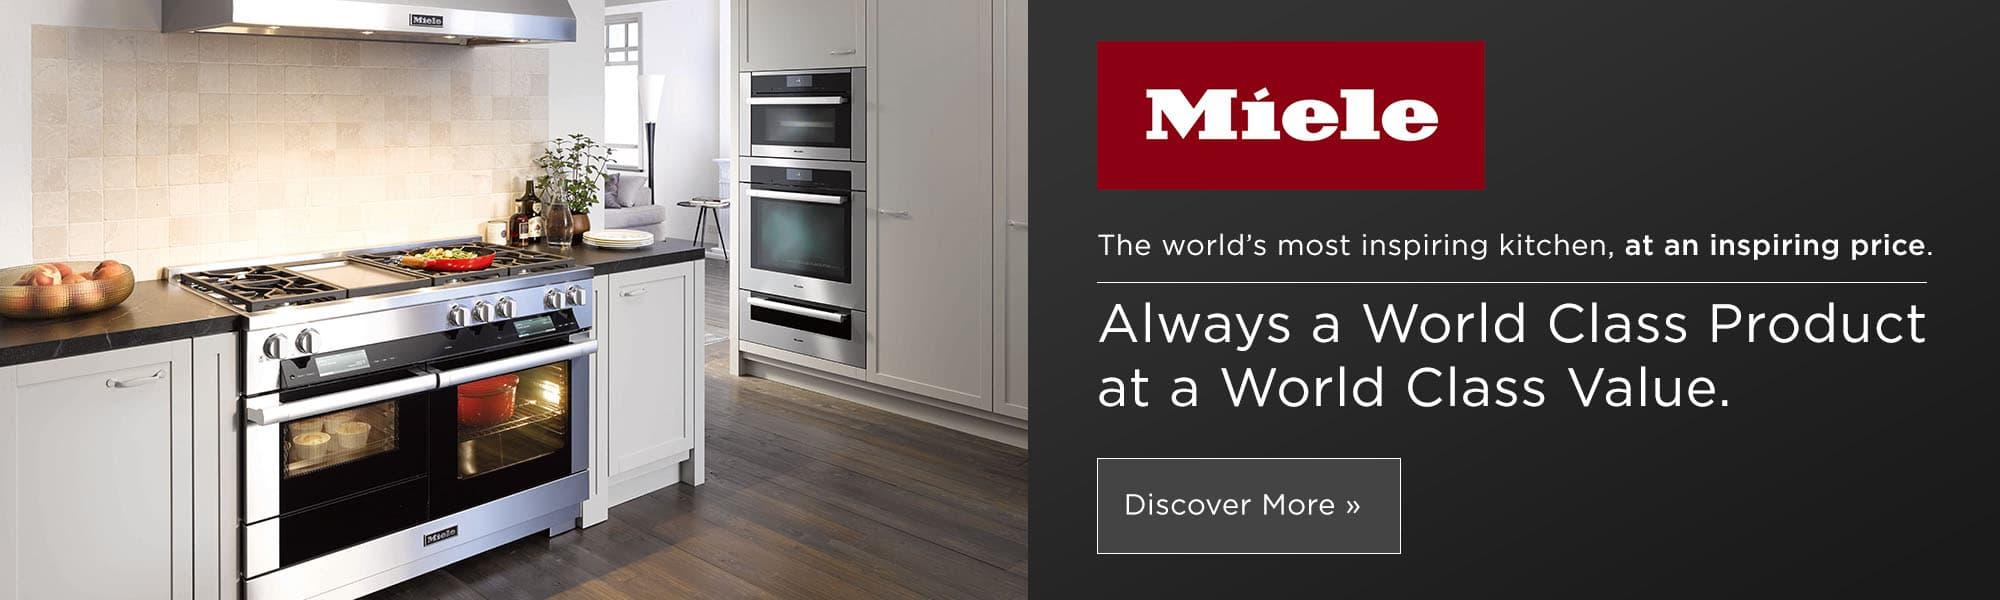 A&A Appliance Solutions   A&A Appliance Solutions   Kitchen